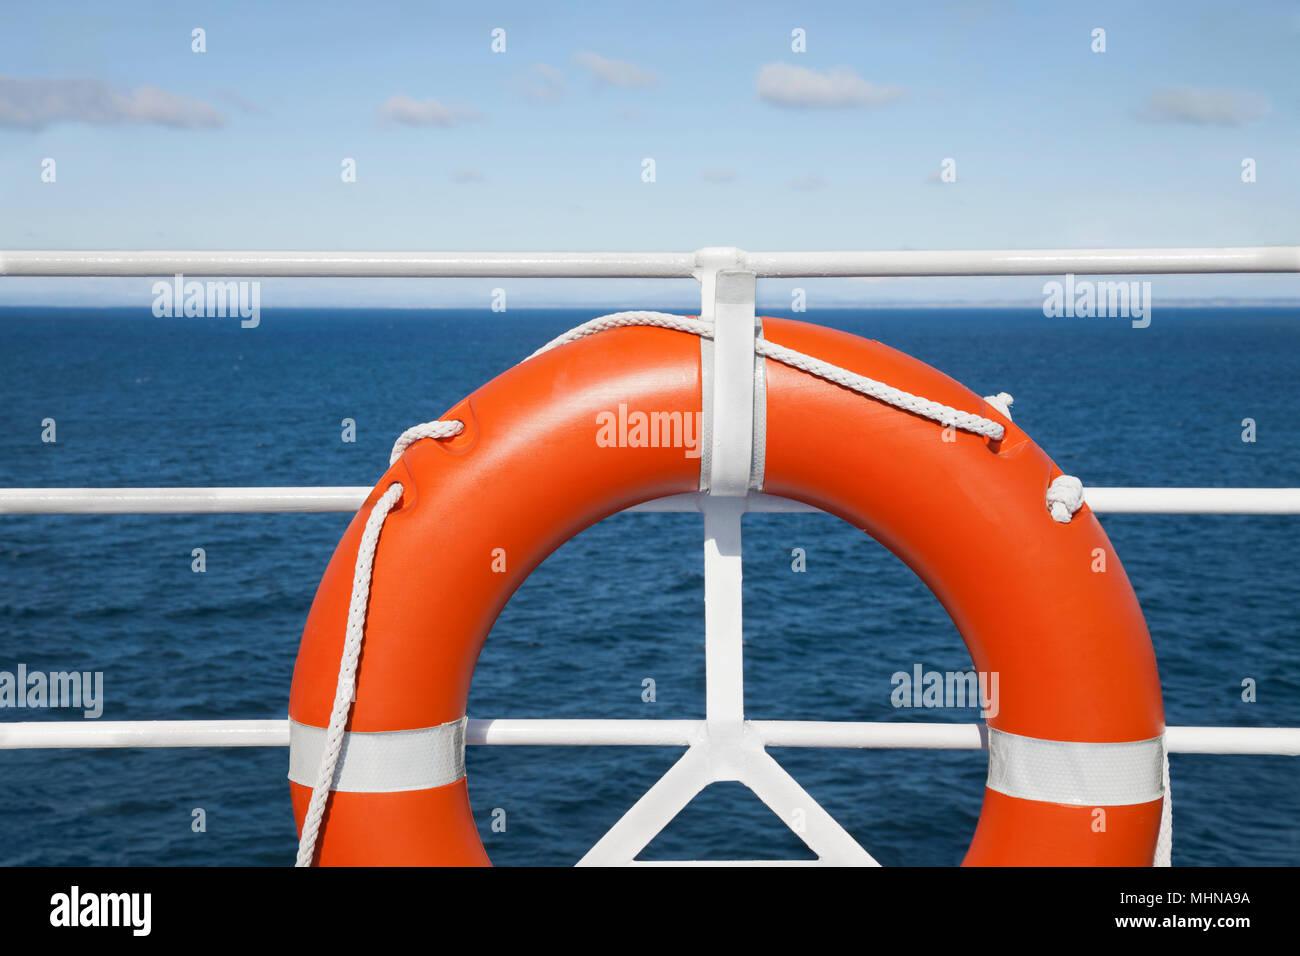 Main courante et bouée au pont bateau de croisière contre seascape dans une journée ensoleillée. Concept de voyage Photo Stock